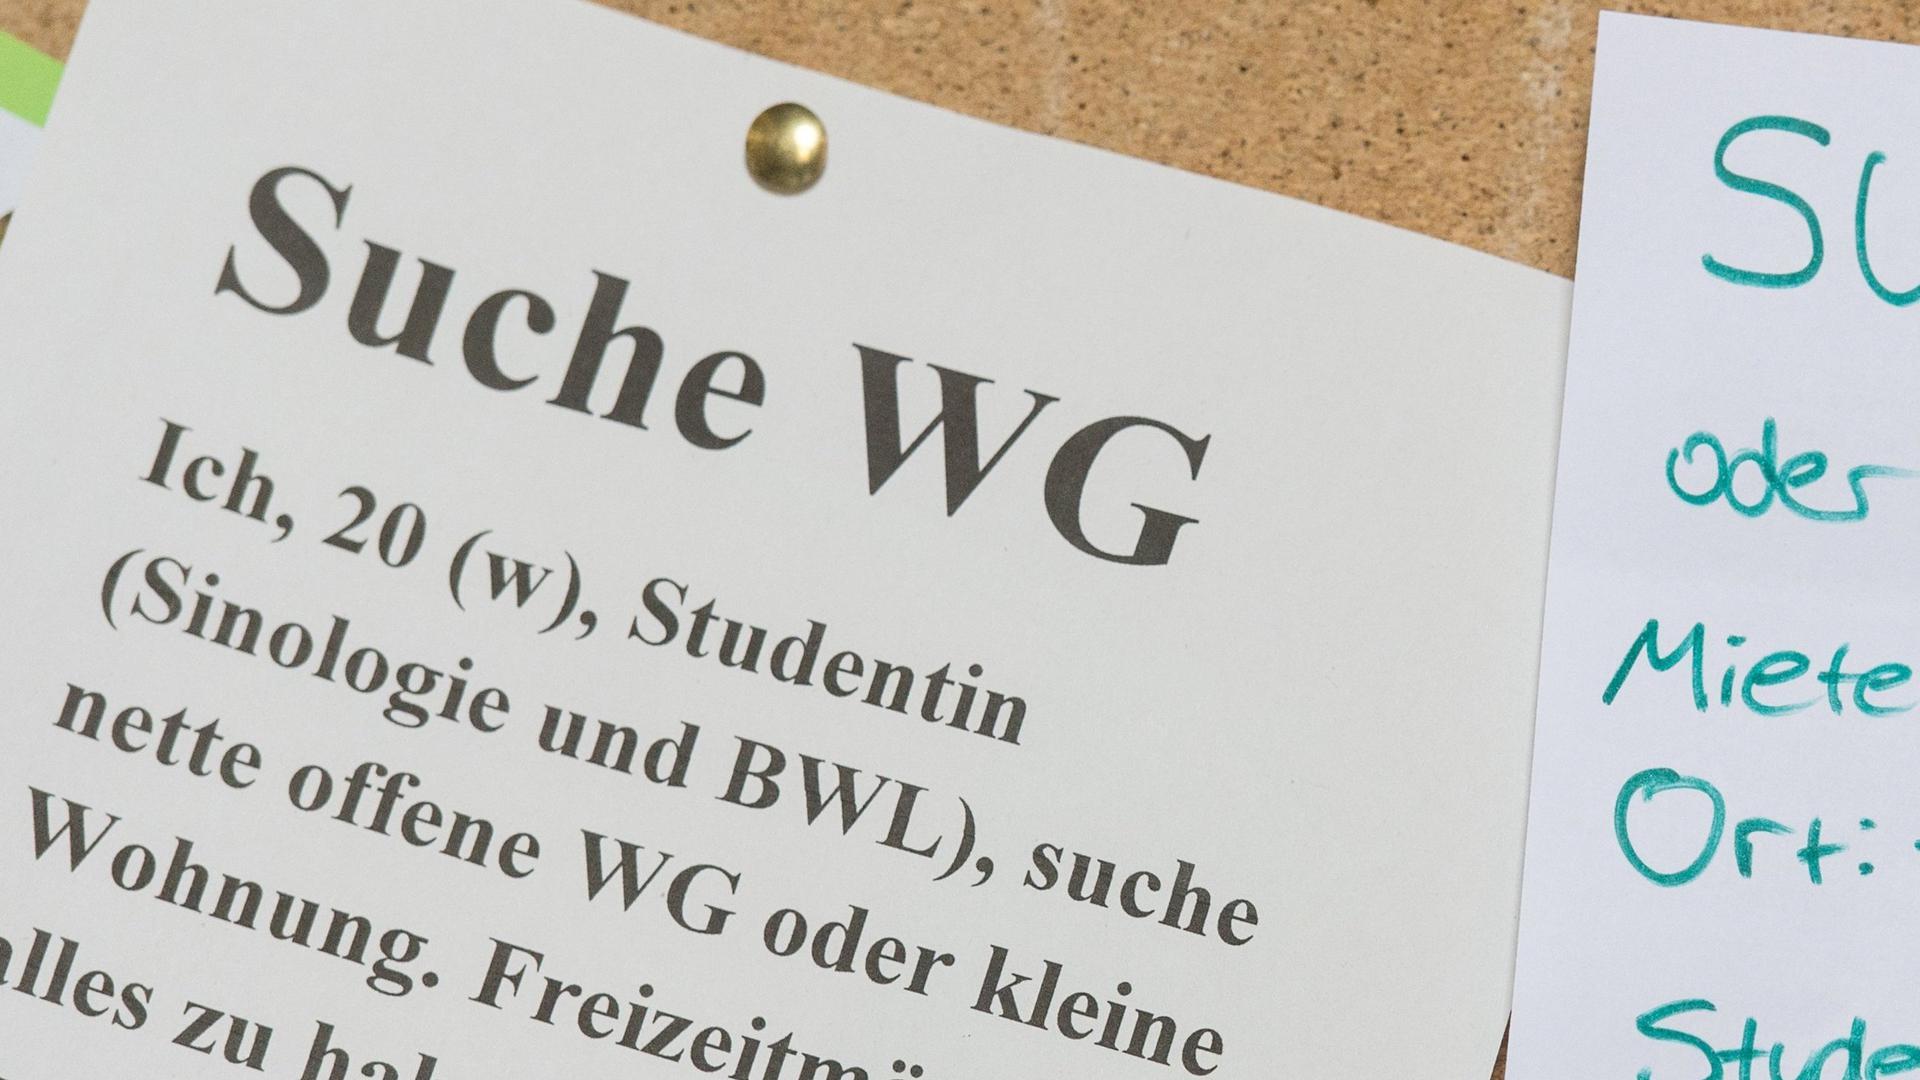 ARCHIV - 23.09.2016, Baden-Württemberg, Freiburg: Studenten suchen an der Universität in Freiburg (Baden-Württemberg) mit Zetteln an einem Schwarzen Brett eine Wohnung. Wohnheim, WG oder alleine: Die Studierenden in Sachsen-Anhalt suchen sich lieber etwas Eigenes, als zu Hause bei den Eltern - im «Hotel Mama» -  zu bleiben (zu dpa «Alleine oder in WG: Studierende entscheiden sich gegen «Hotel Mama»») Foto: Patrick Seeger/dpa +++ dpa-Bildfunk +++ | Verwendung weltweit